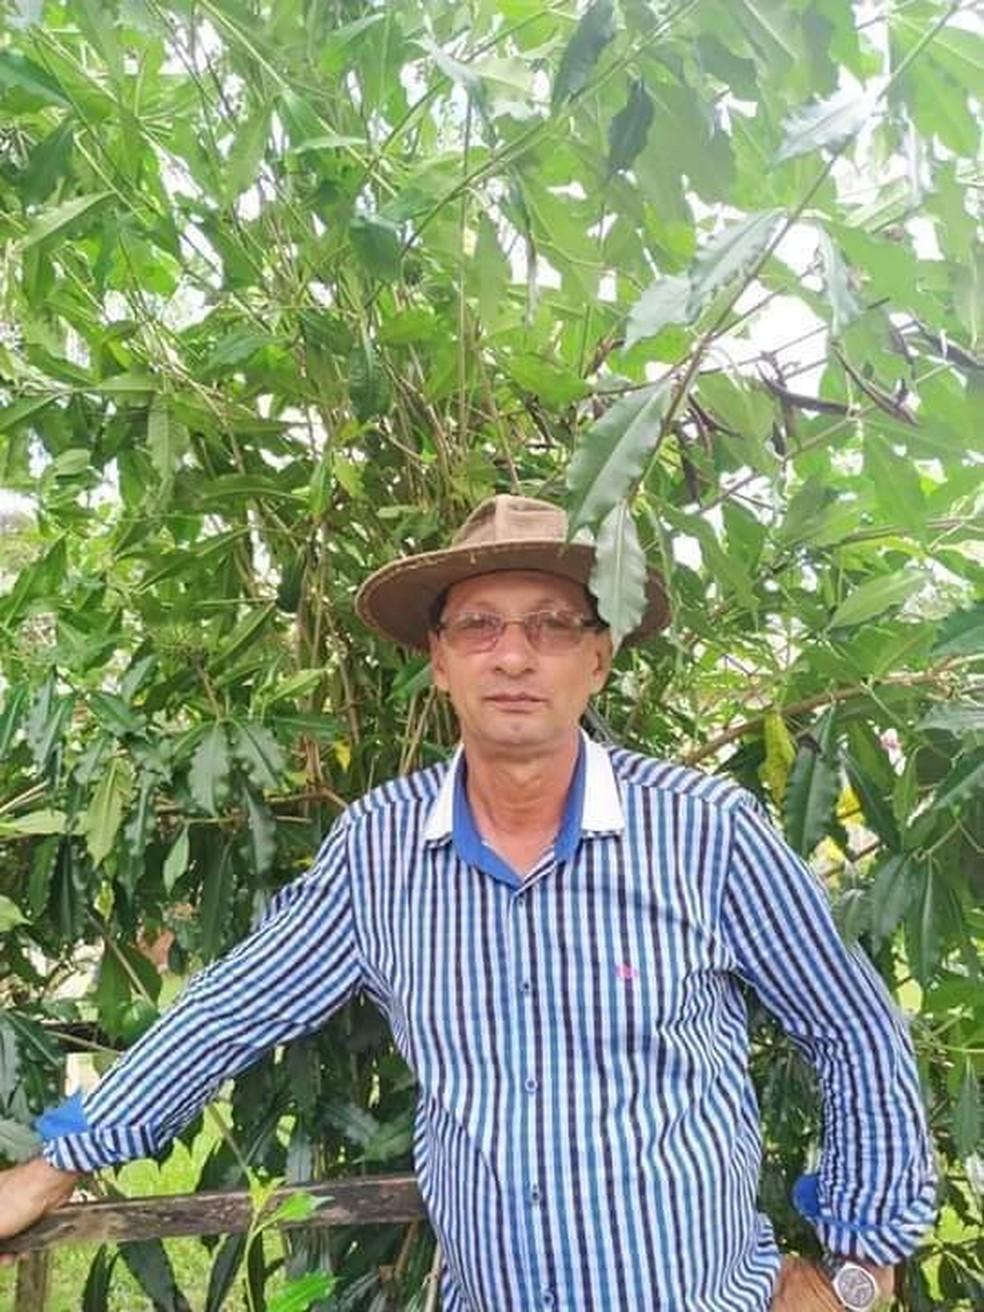 Valmir Francisco dos Anjos, de 60 anos, desapareceu após sair para pescar em Cacoal — Foto: Reprodução/Redes sociais